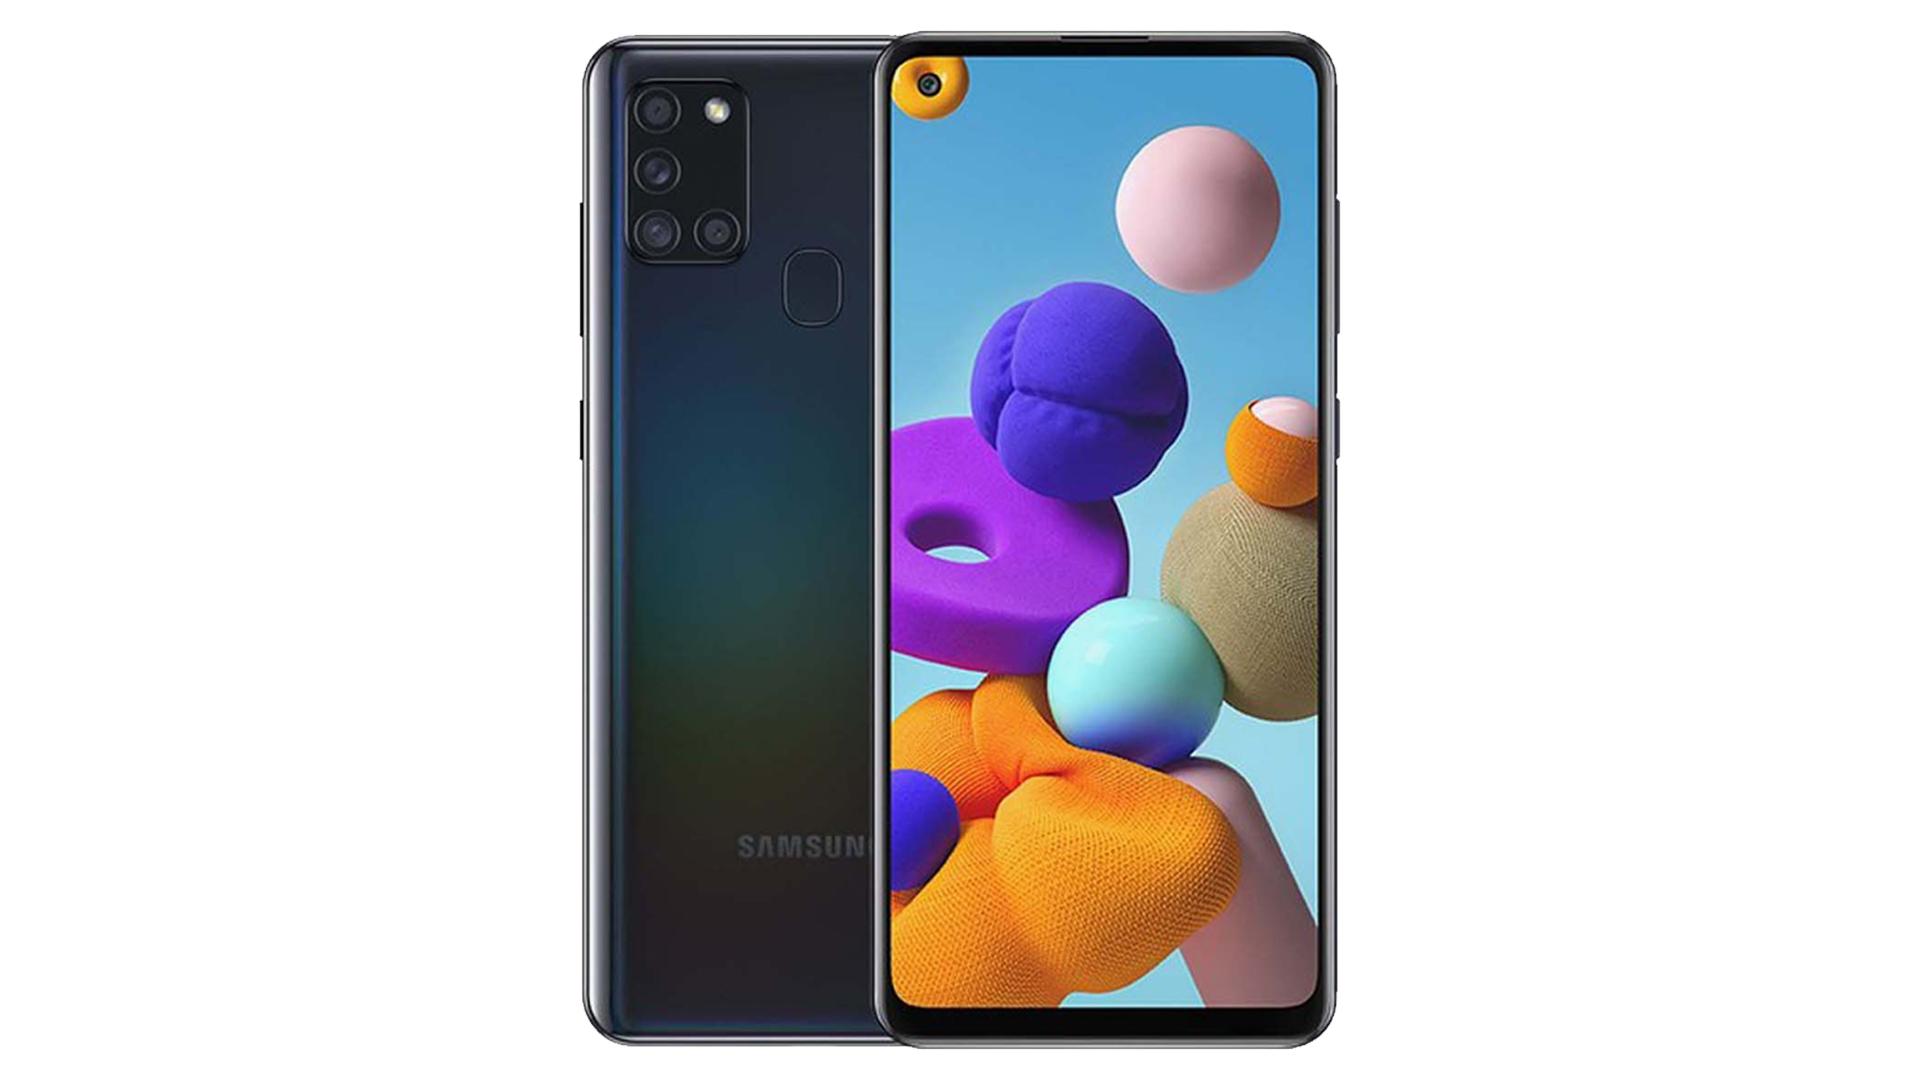 Le Samsung GalaxyA21s est aujourd'hui disponible à 166€ au lieu de 239